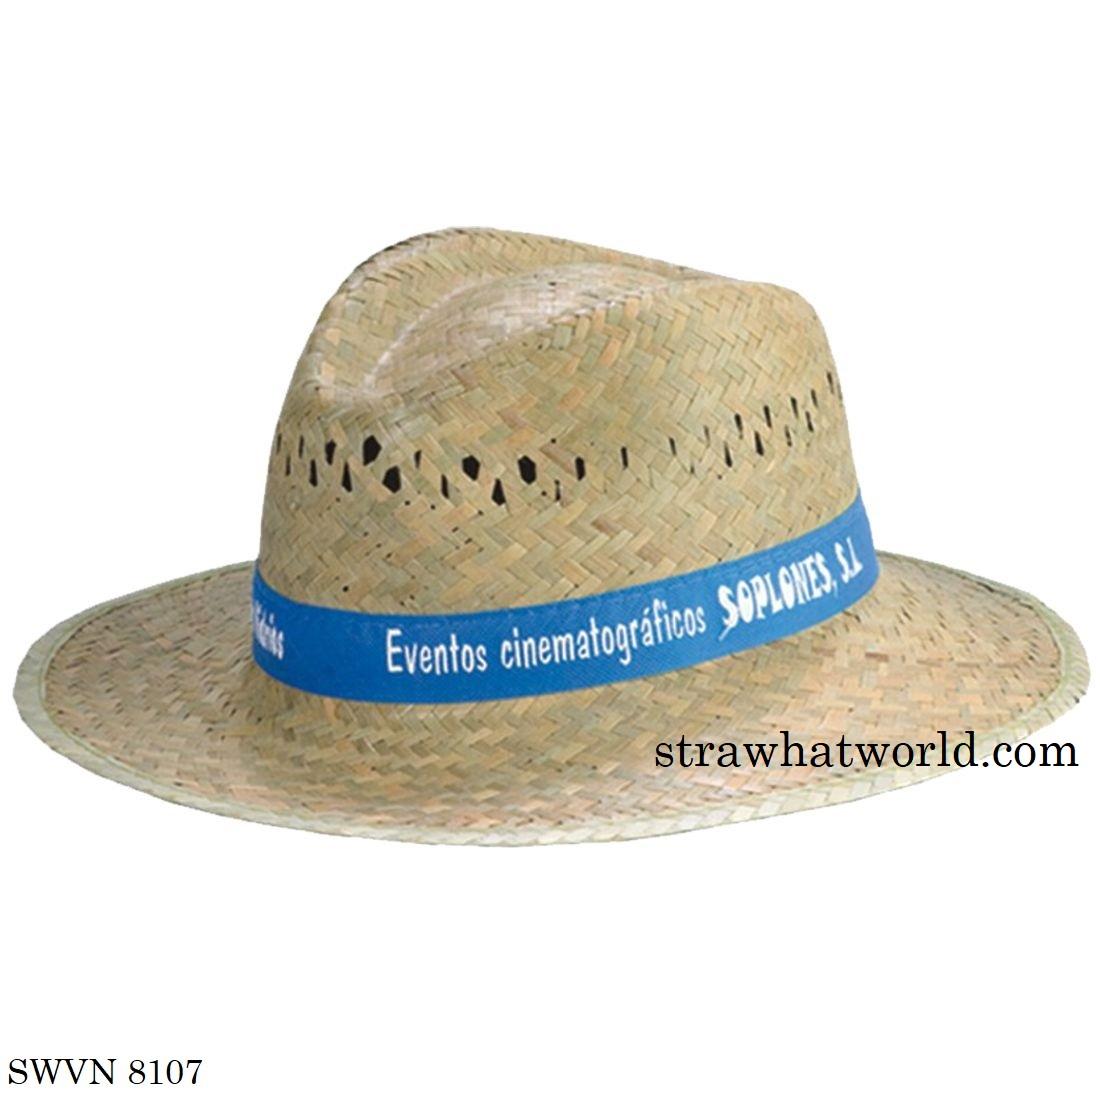 Zelio Strohhut for EU, Zelio Straw Hat Cheap Price, Zelio Straw hat for Promotion